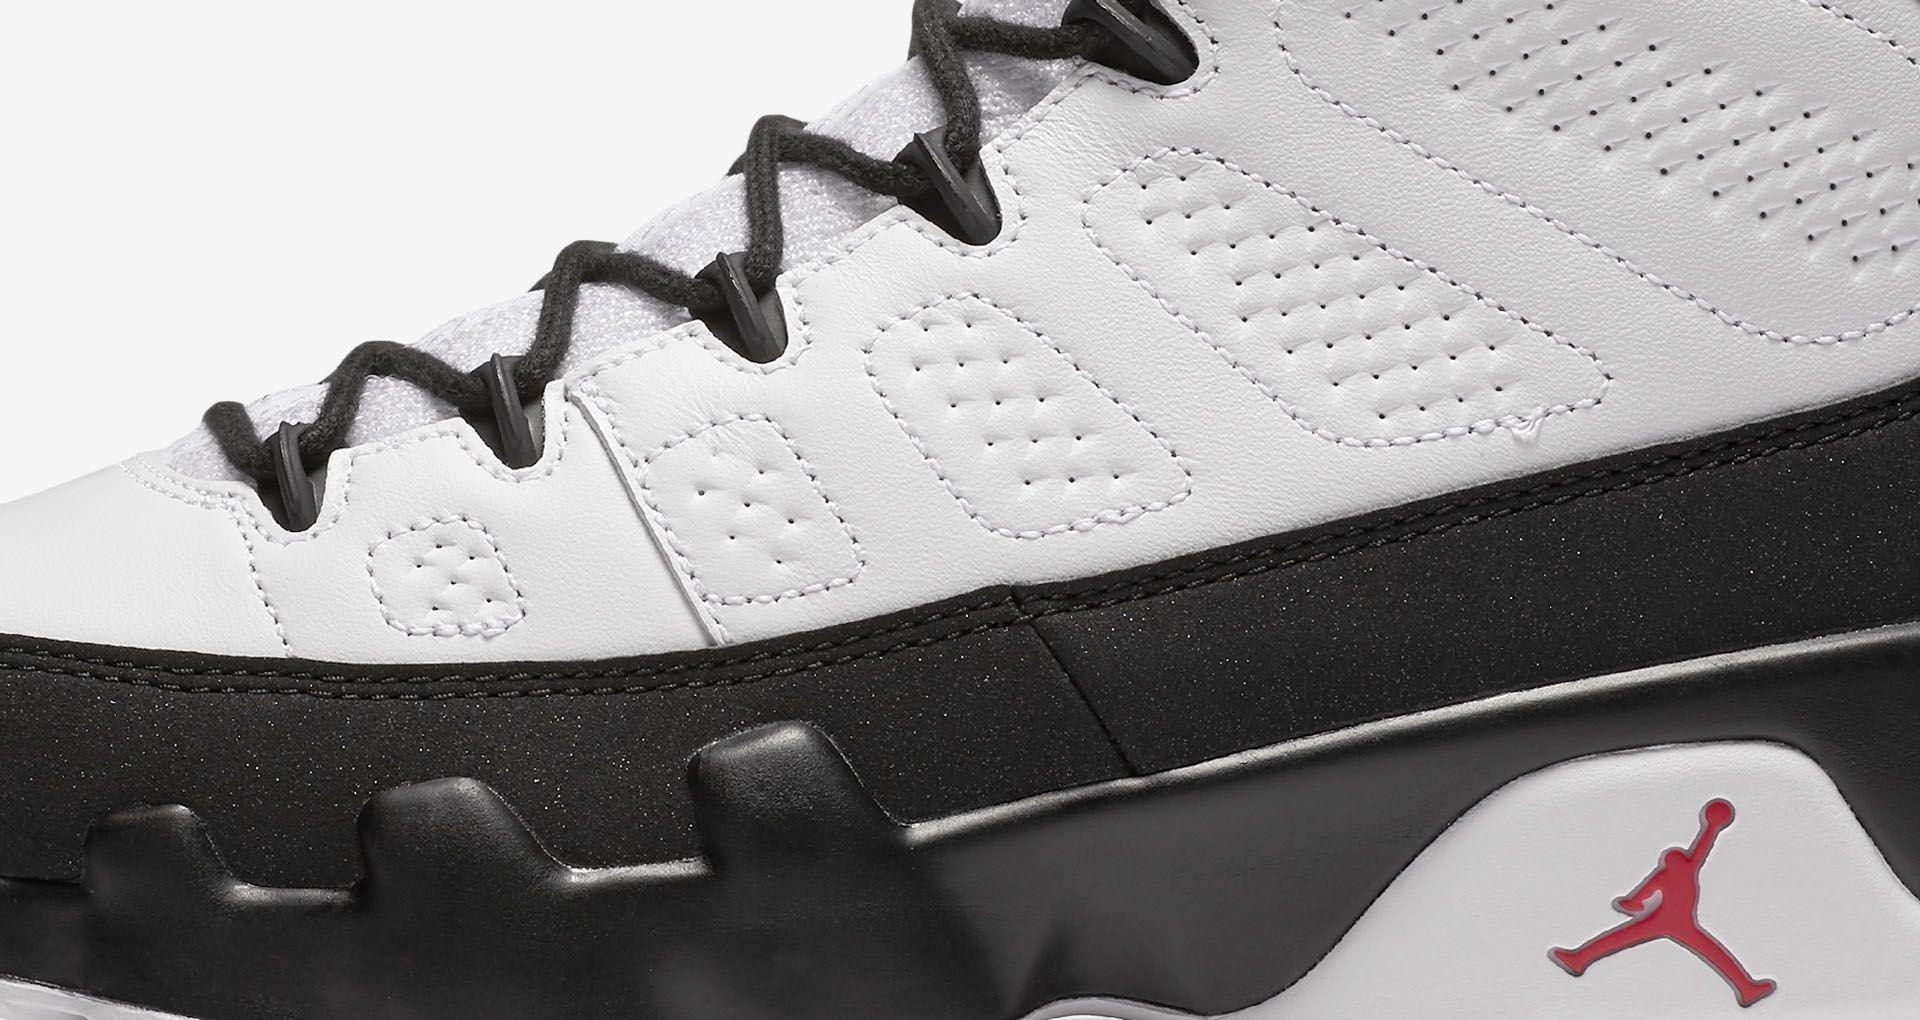 low priced 6d57b fdd63 Air Jordan 9 Retro OG 'White & Black' 2016 Release Date ...